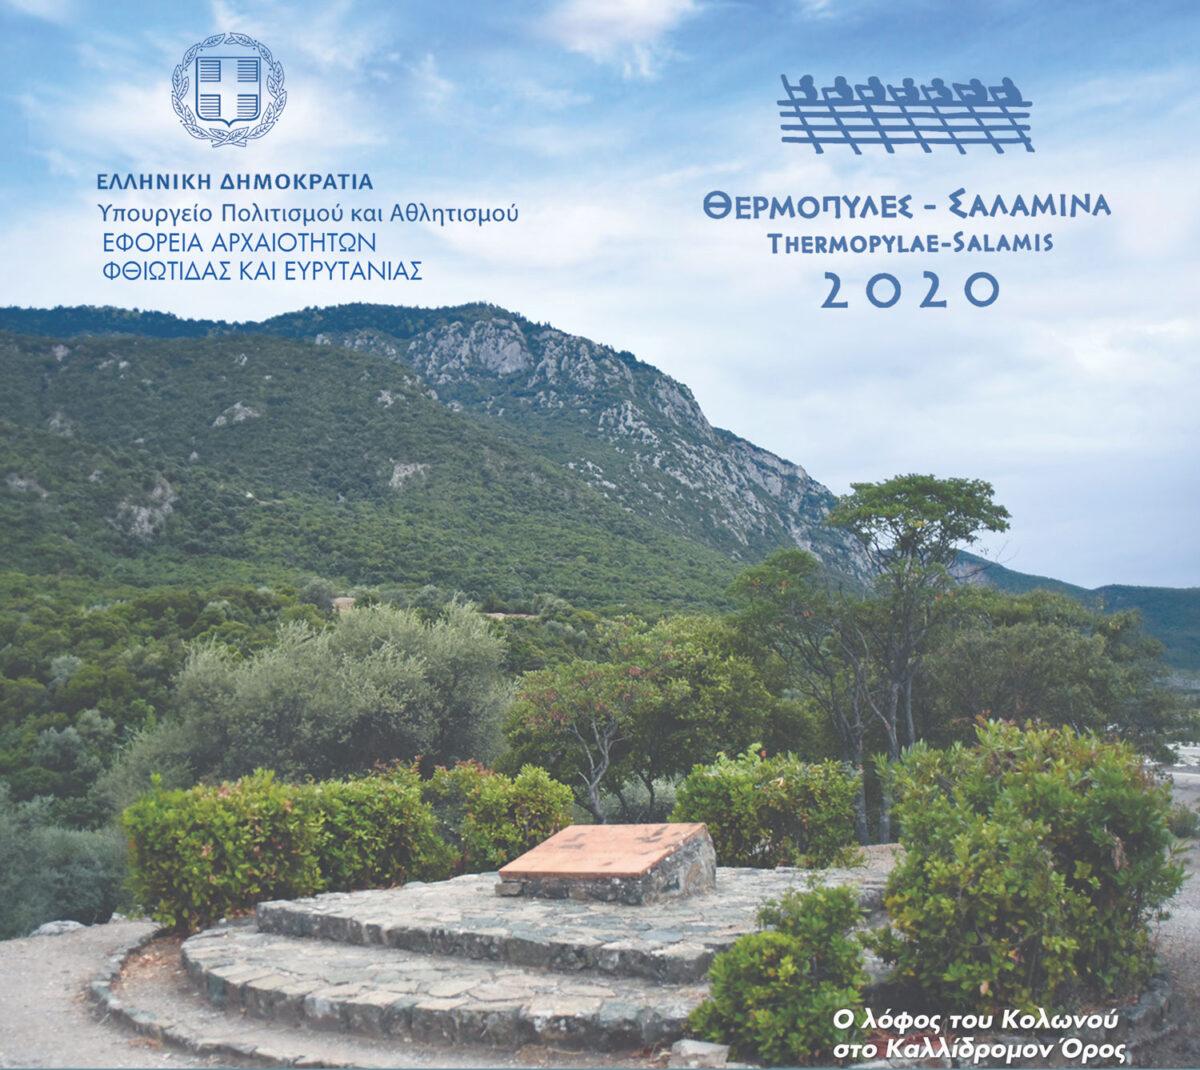 Εκδηλώσεις για το επετειακό έτος «Θερμοπύλες – Σαλαμίνα 2020»